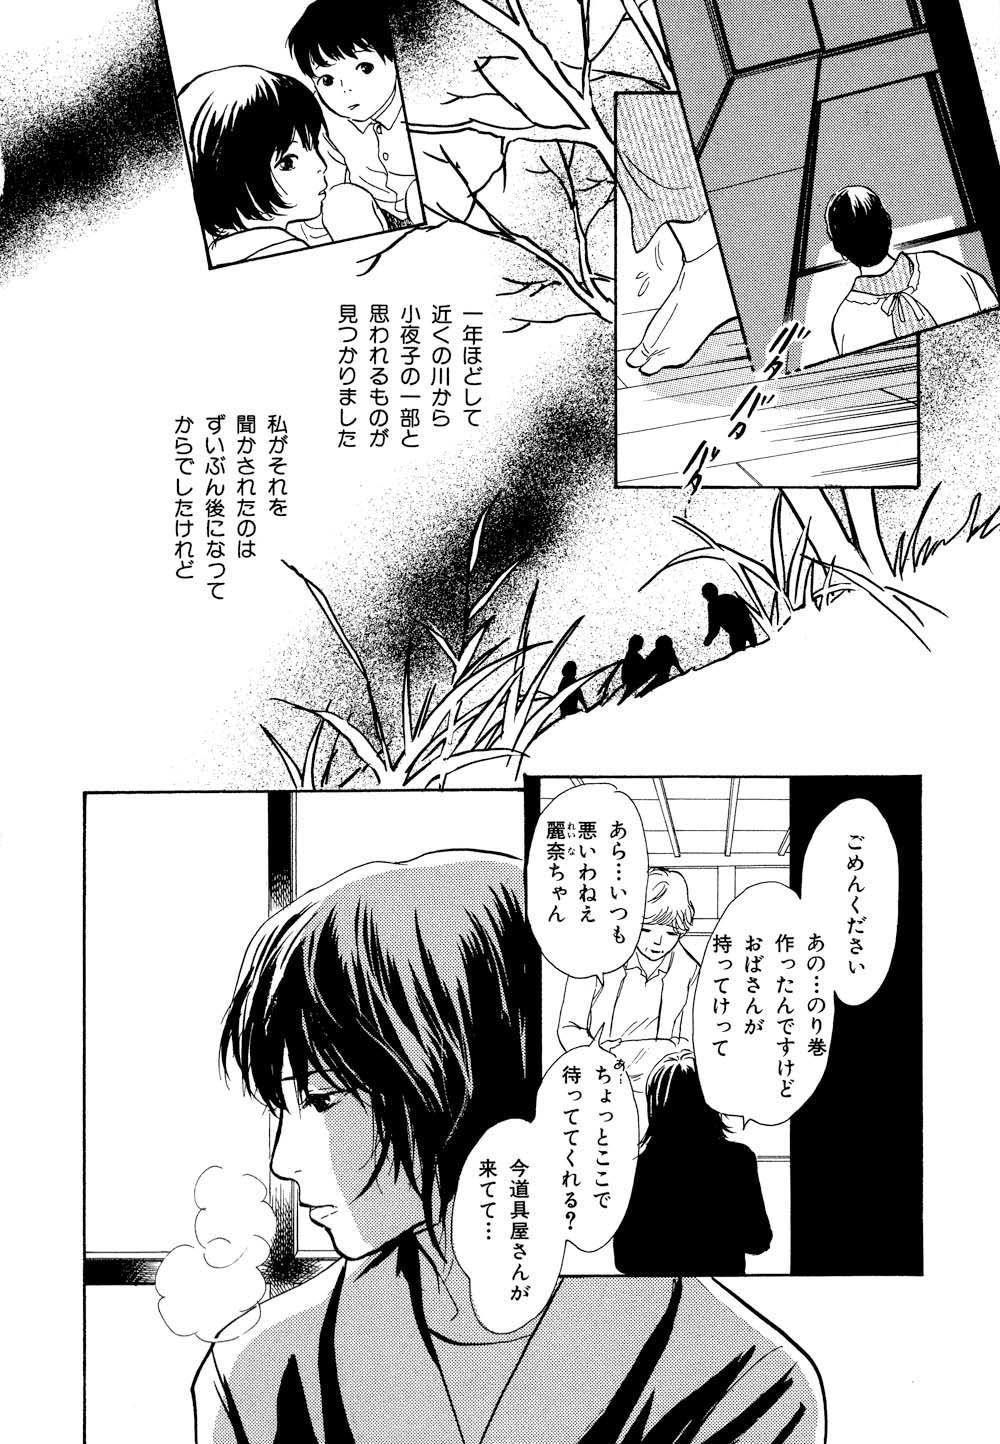 百鬼夜行抄_13_0076.jpg